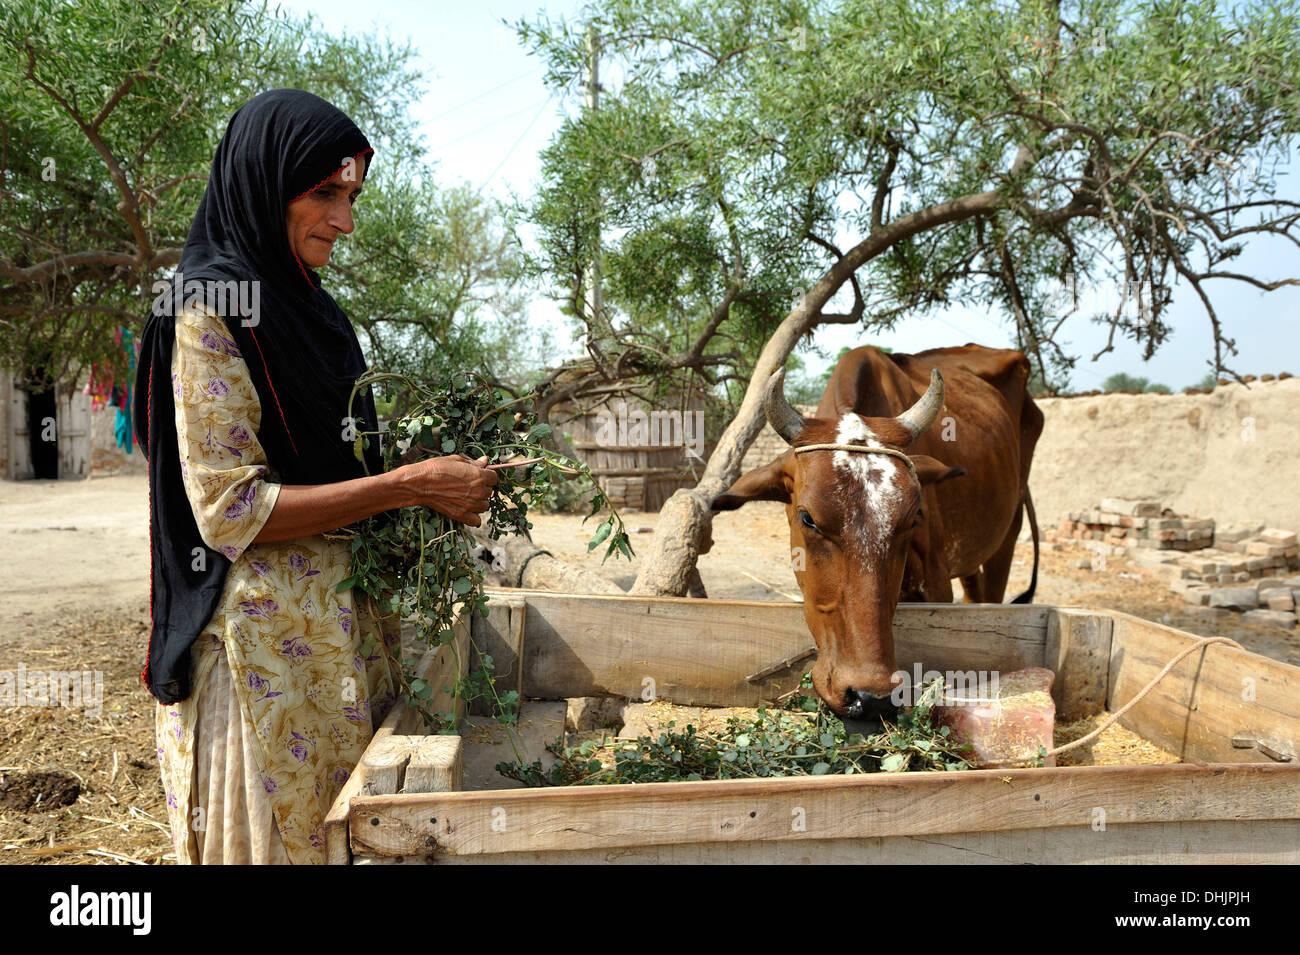 Woman Feeding Cow Stock Photos & Woman Feeding Cow Stock